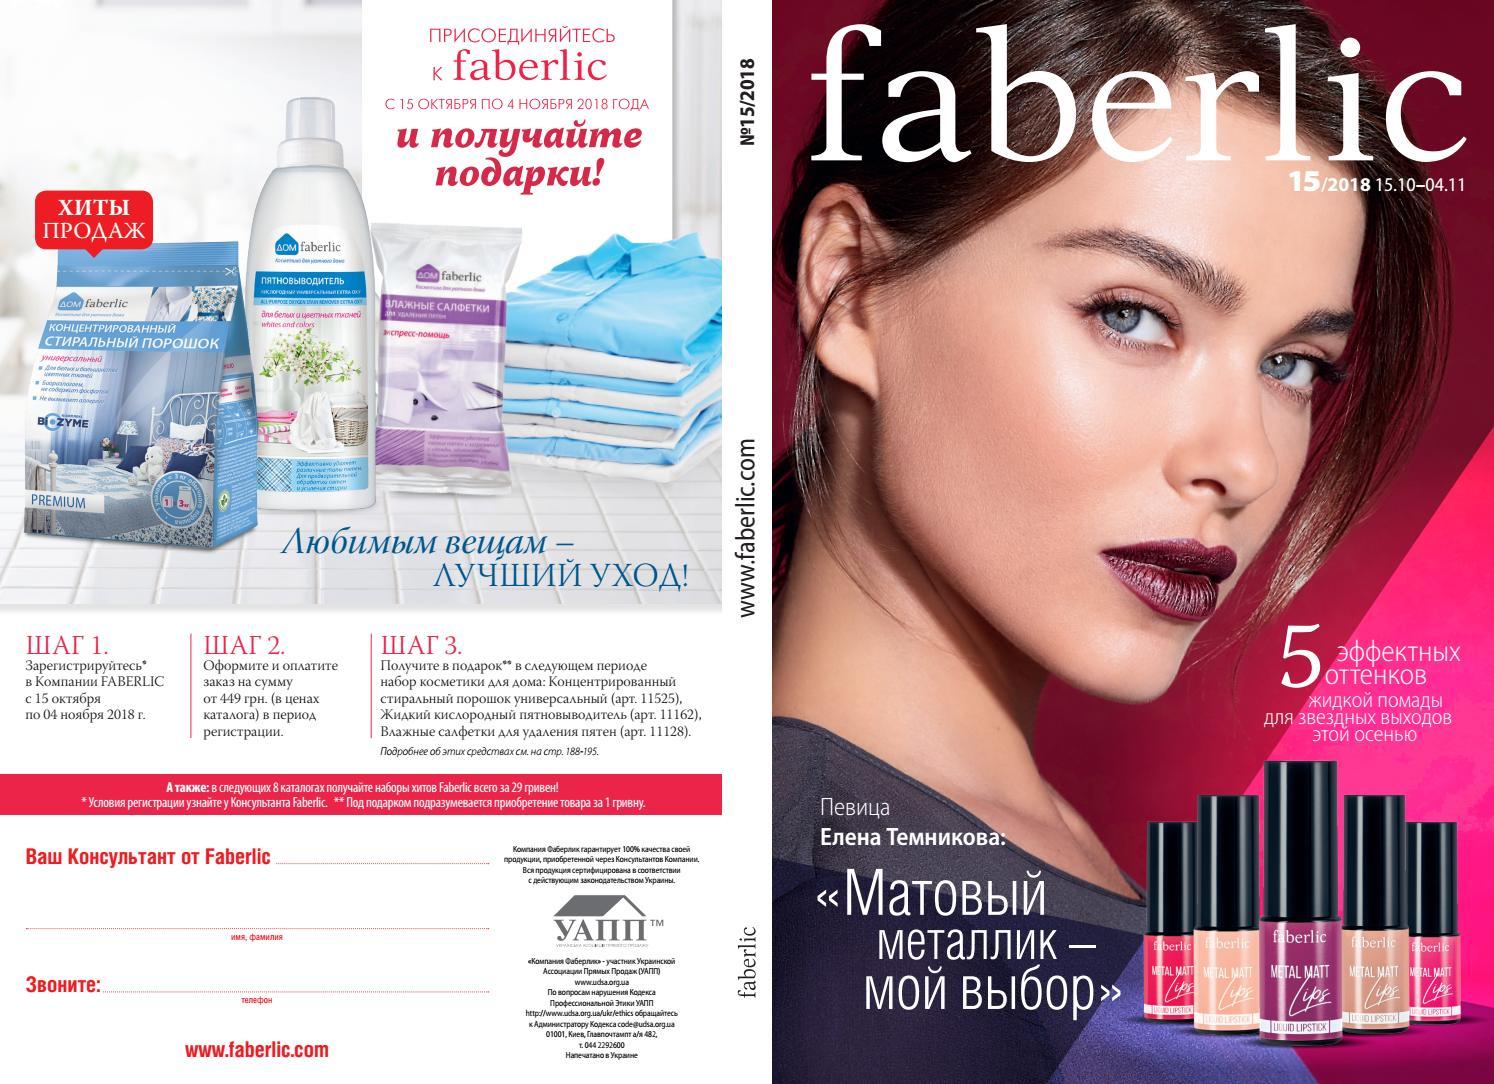 КАТАЛОГ FABERLIC 15/2018 by serova - issuu